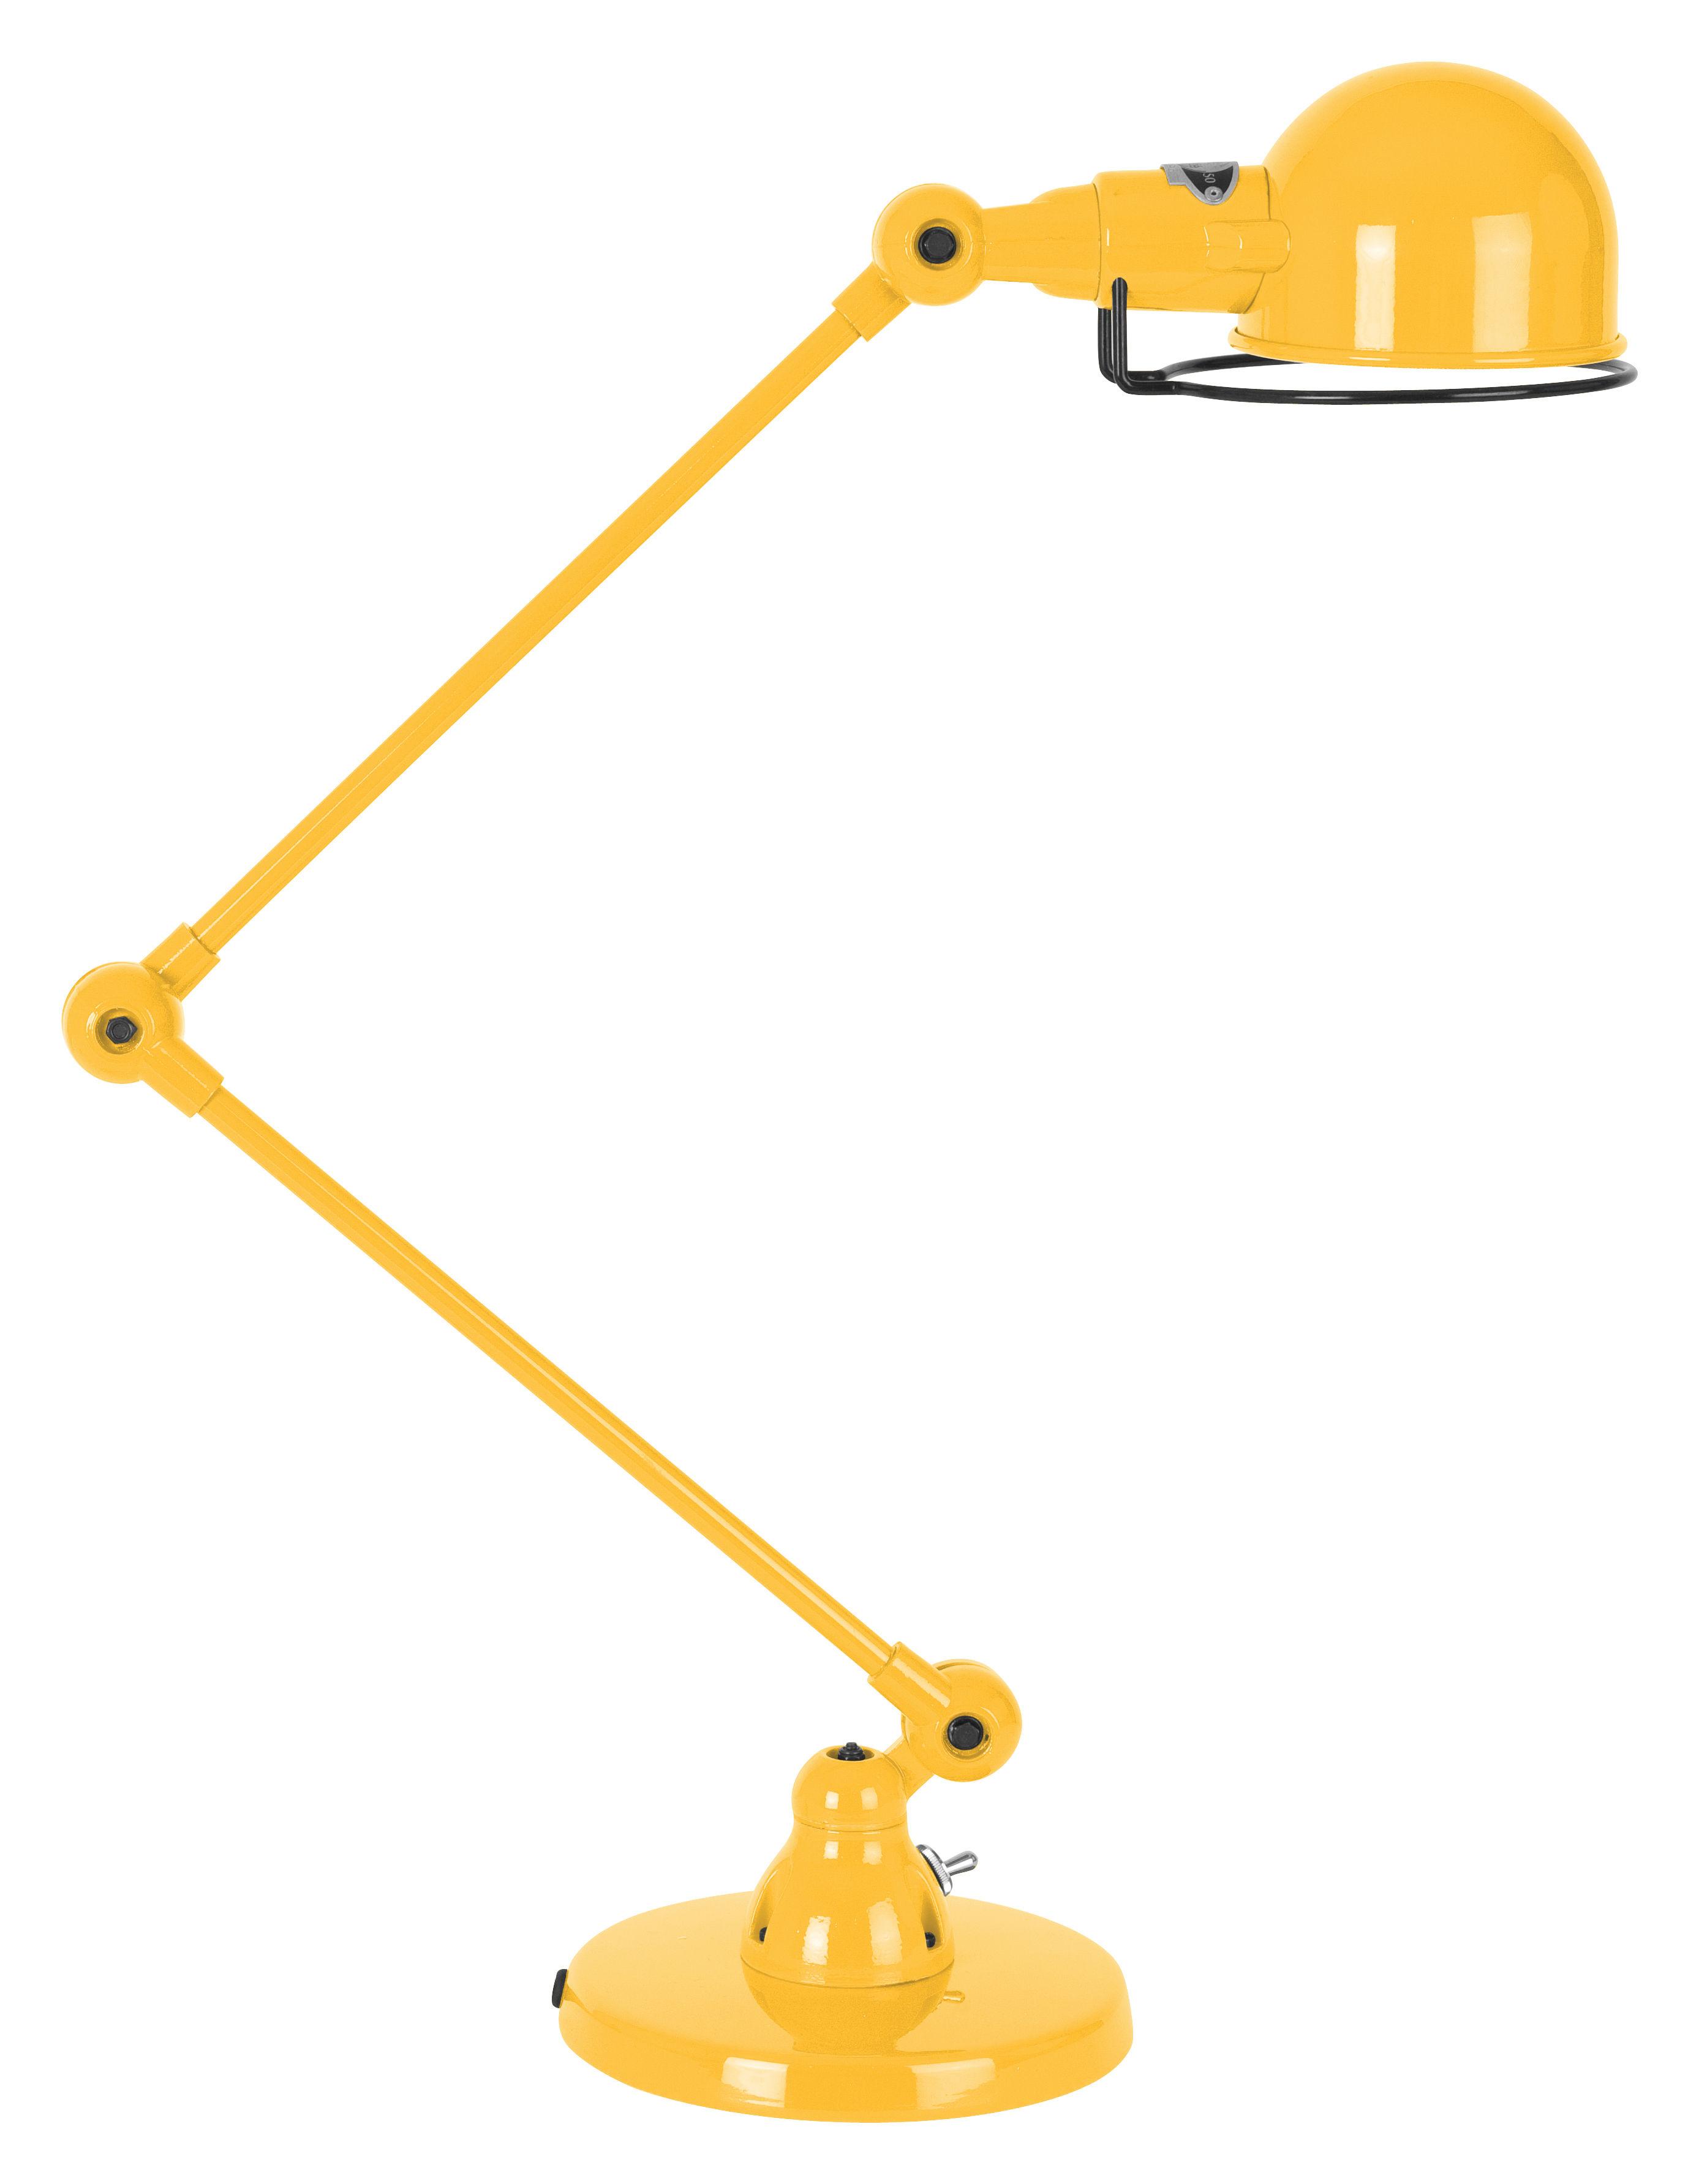 Leuchten - Tischleuchten - Signal Tischleuchte / mit 2 Gelenkarmen - H max. 60 cm - Jieldé - Senffarben, glänzend - rostfreier Stahl